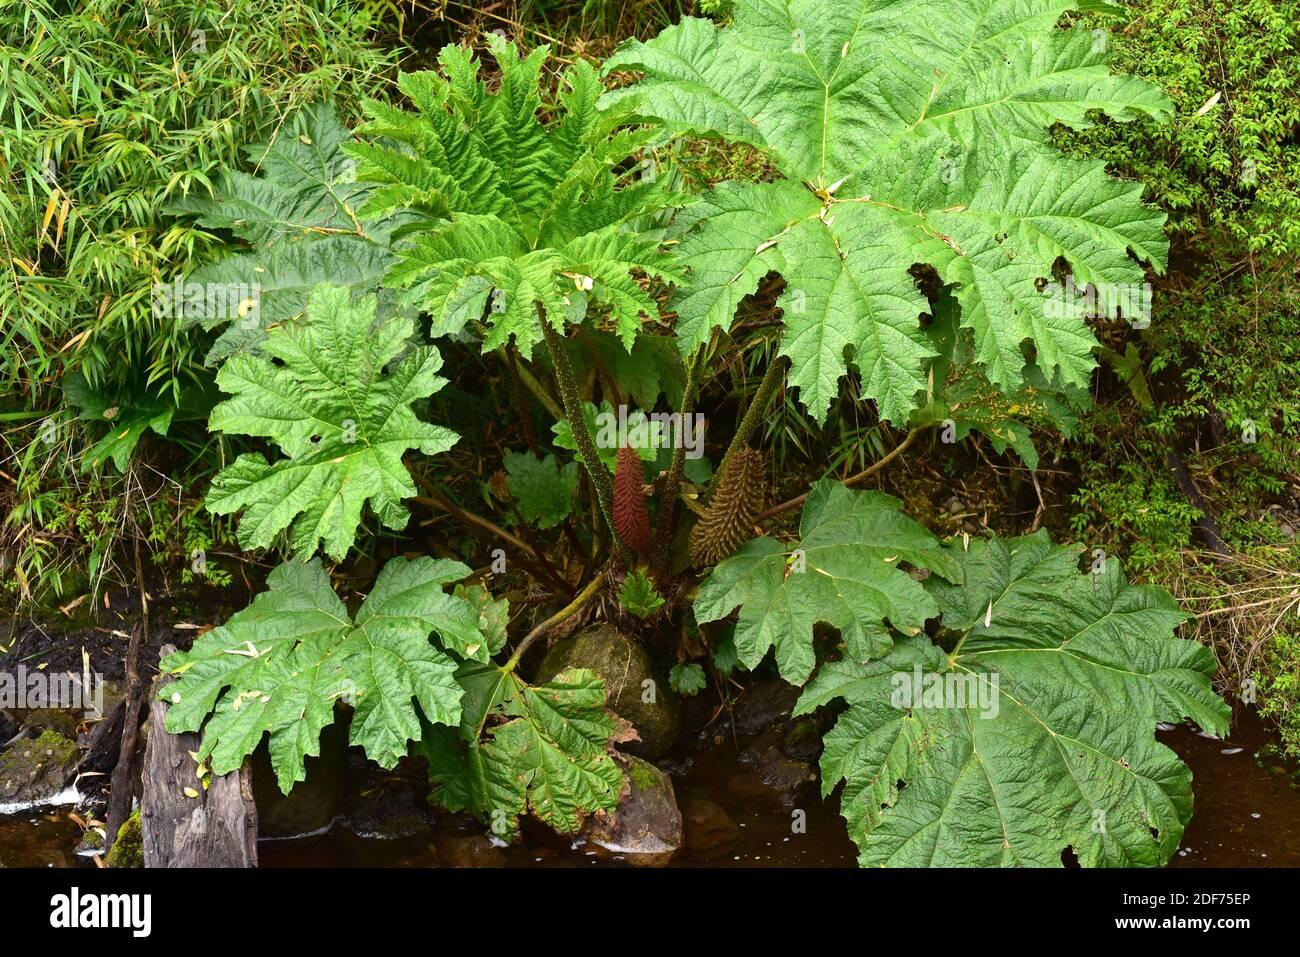 Rhubarbe chilienne ou nalca (Gunnera tinctoria ou Gunnera chilensis) est une grande herbe vivace indigène au centre et au sud Chili et Sud-Ouest Banque D'Images